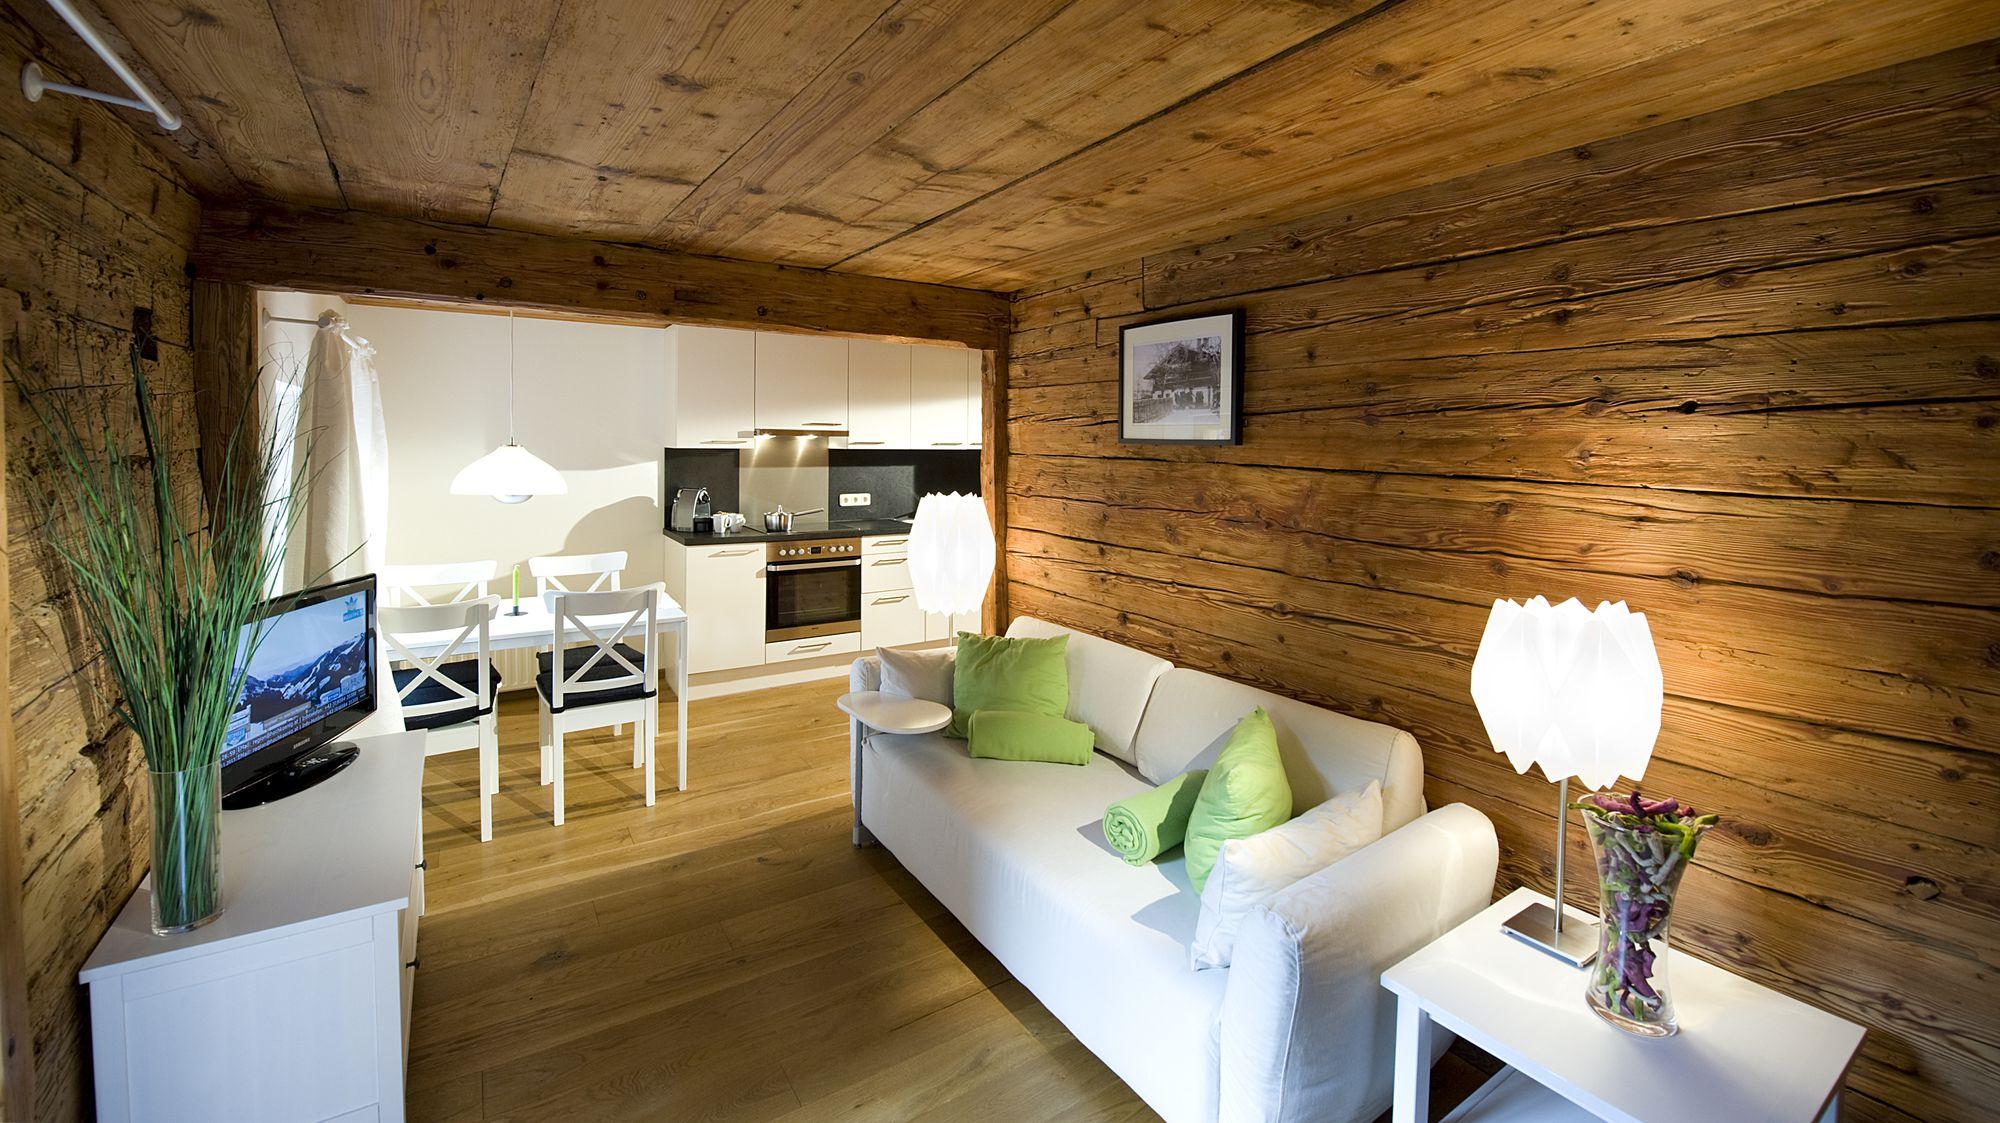 preise und wohnungen des appartement aberg in maria alm. Black Bedroom Furniture Sets. Home Design Ideas